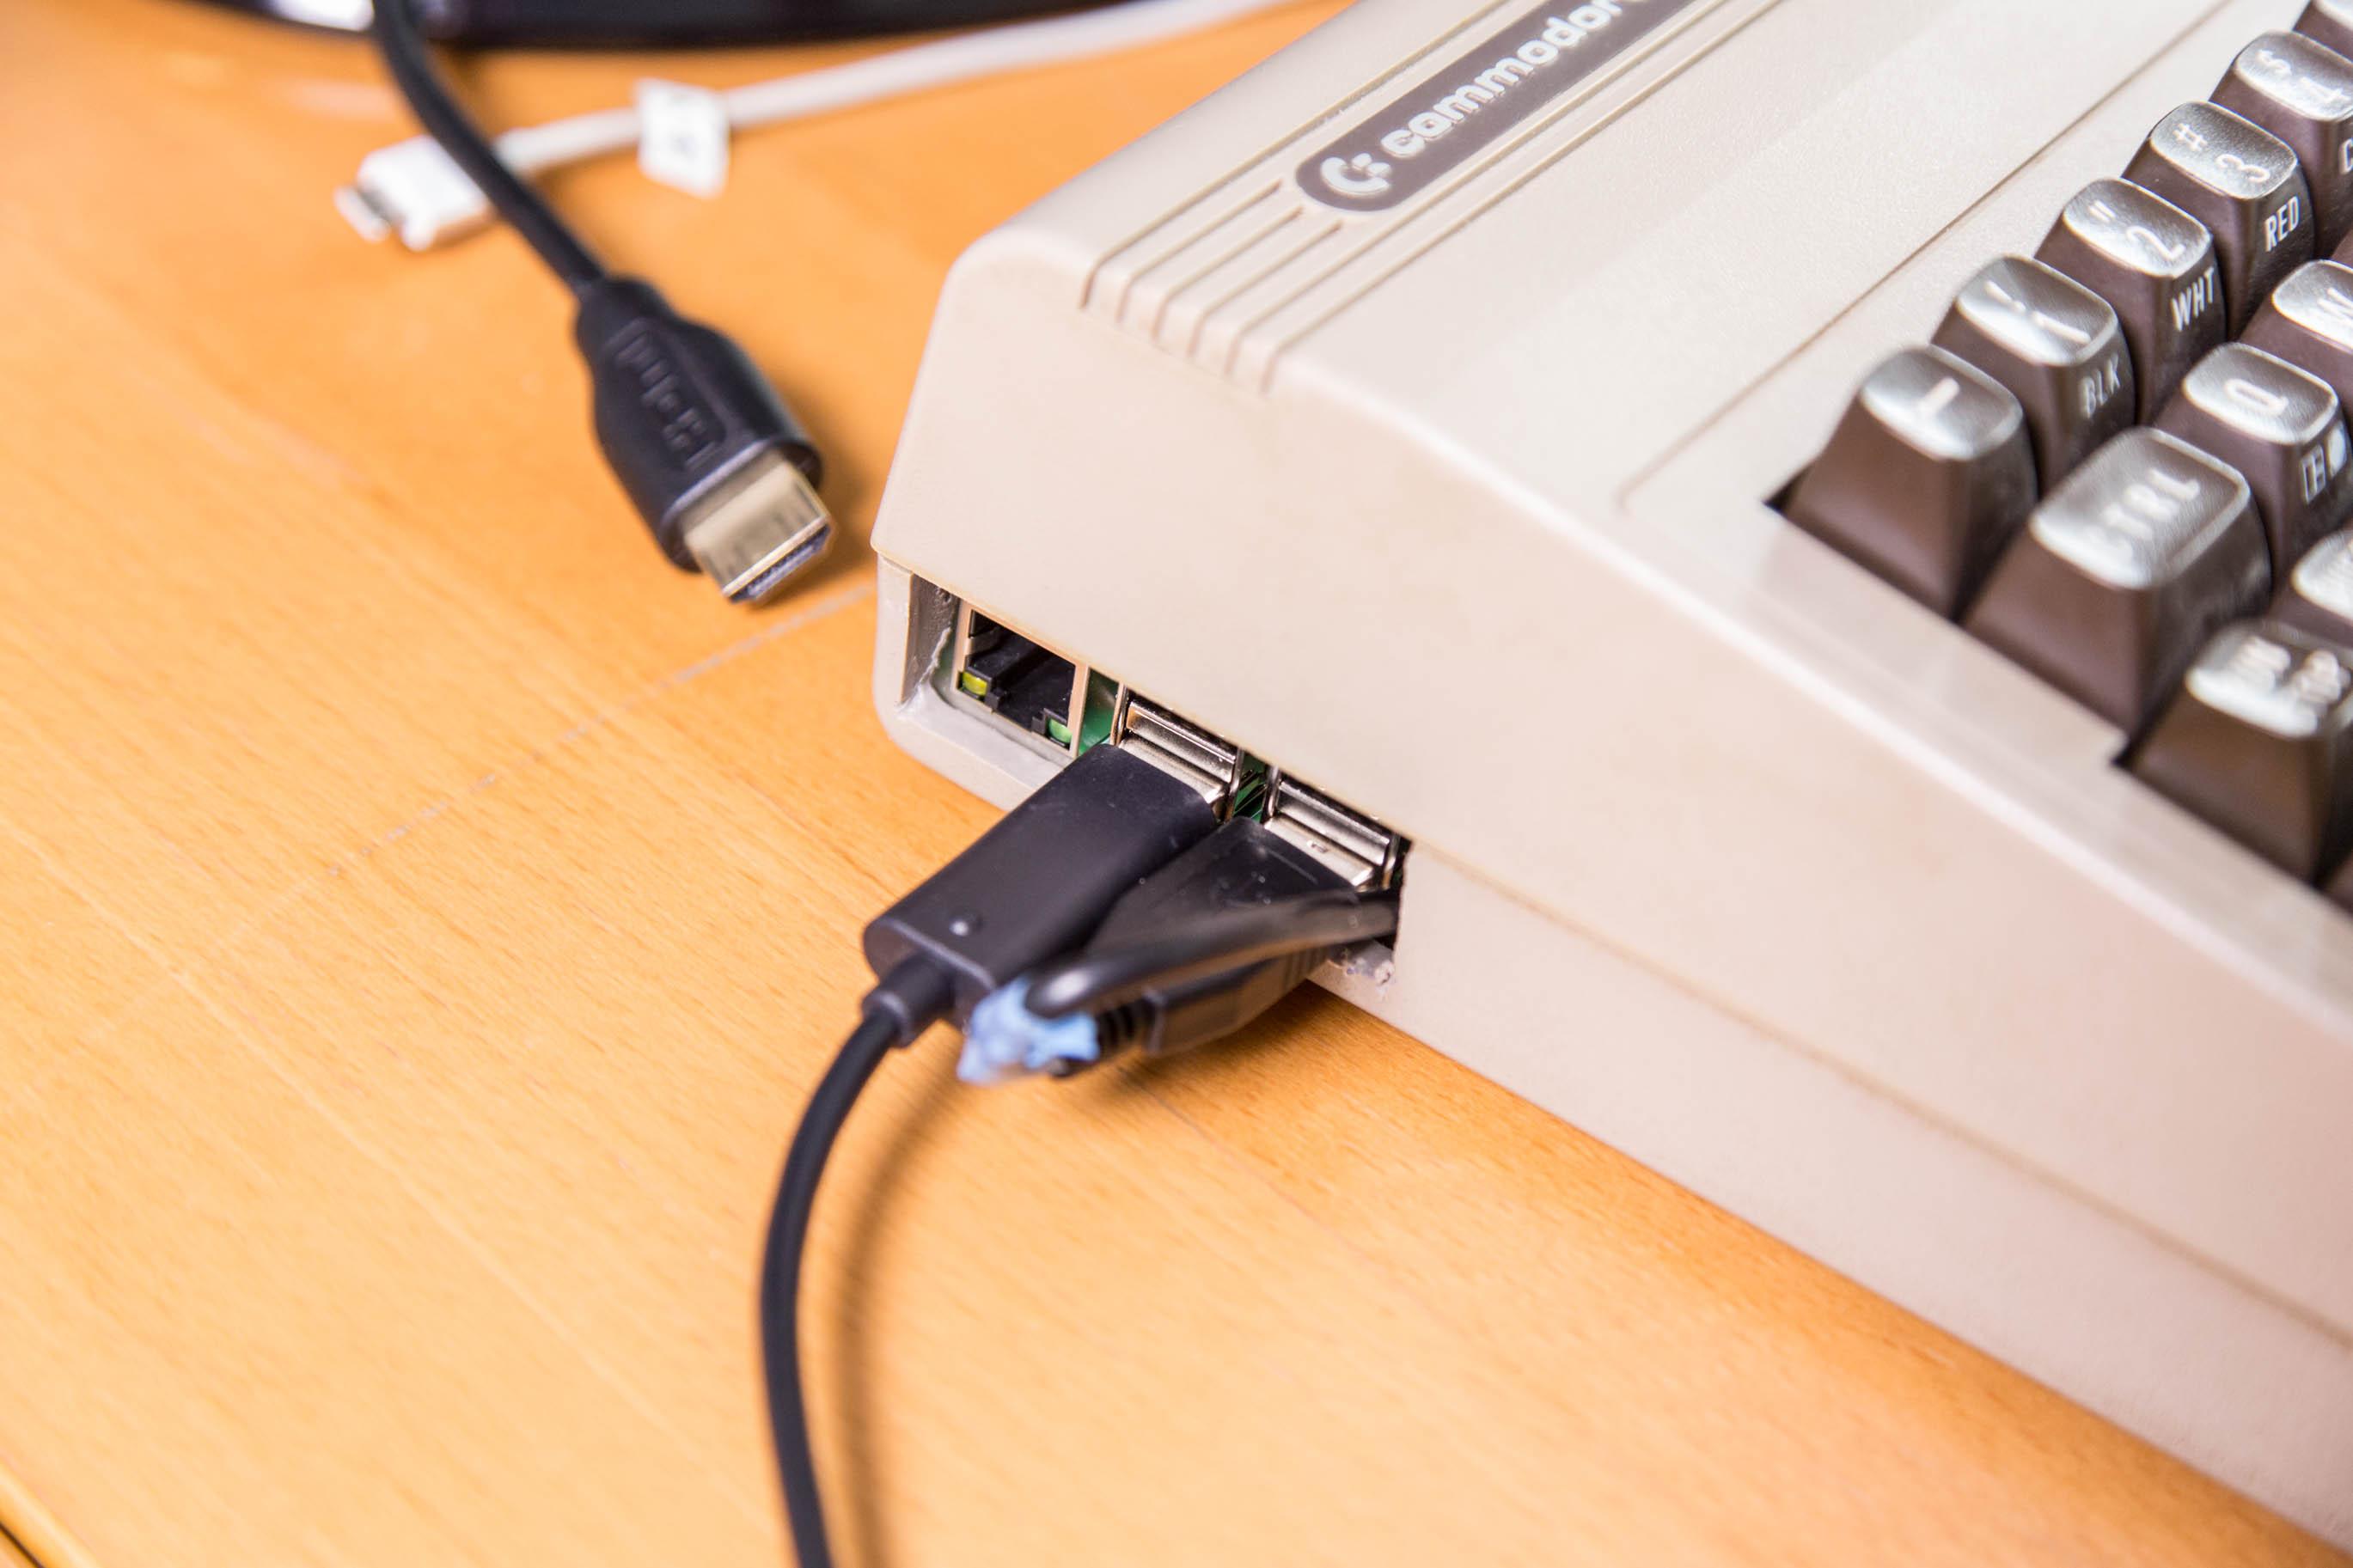 C64-Umbau mit dem Raspberry Pi: Die Wiedergeburt der Heimcomputer-Legende - Um in Retropie zu navigieren, haben wir zudem ein Xbox-360-Gamepad angeschlossen. (Bild: Martin Wolf/Golem.de)